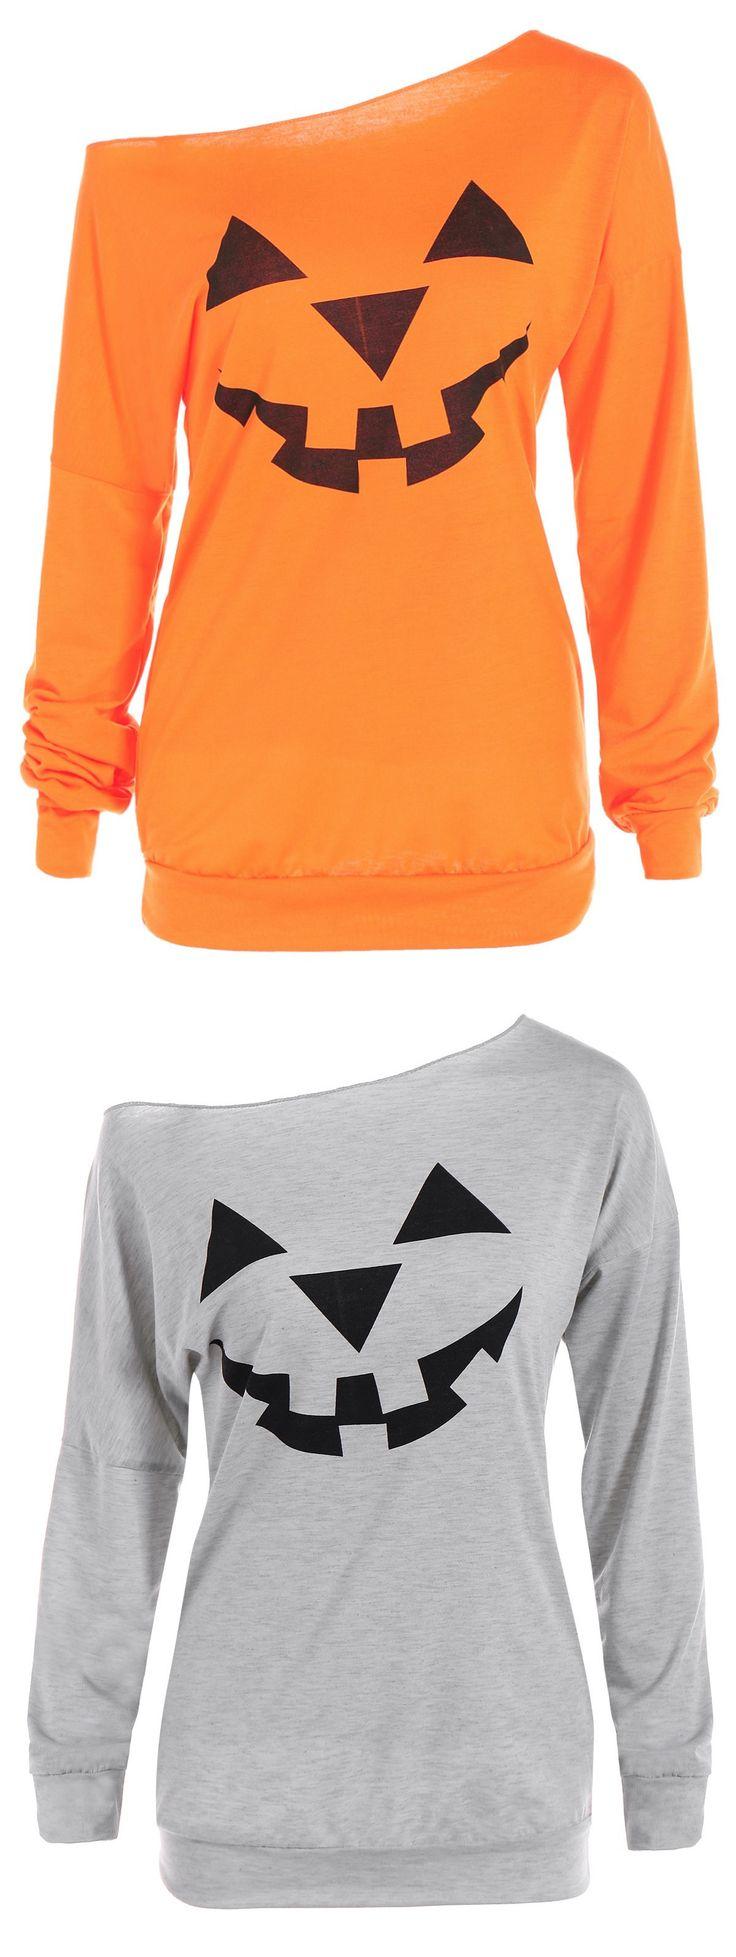 Happy Halloween | Only $5.72| One Shoulder Pumpkin Pattern Halloween Sweatshirt - Yellow Orange |  Sammydress.com